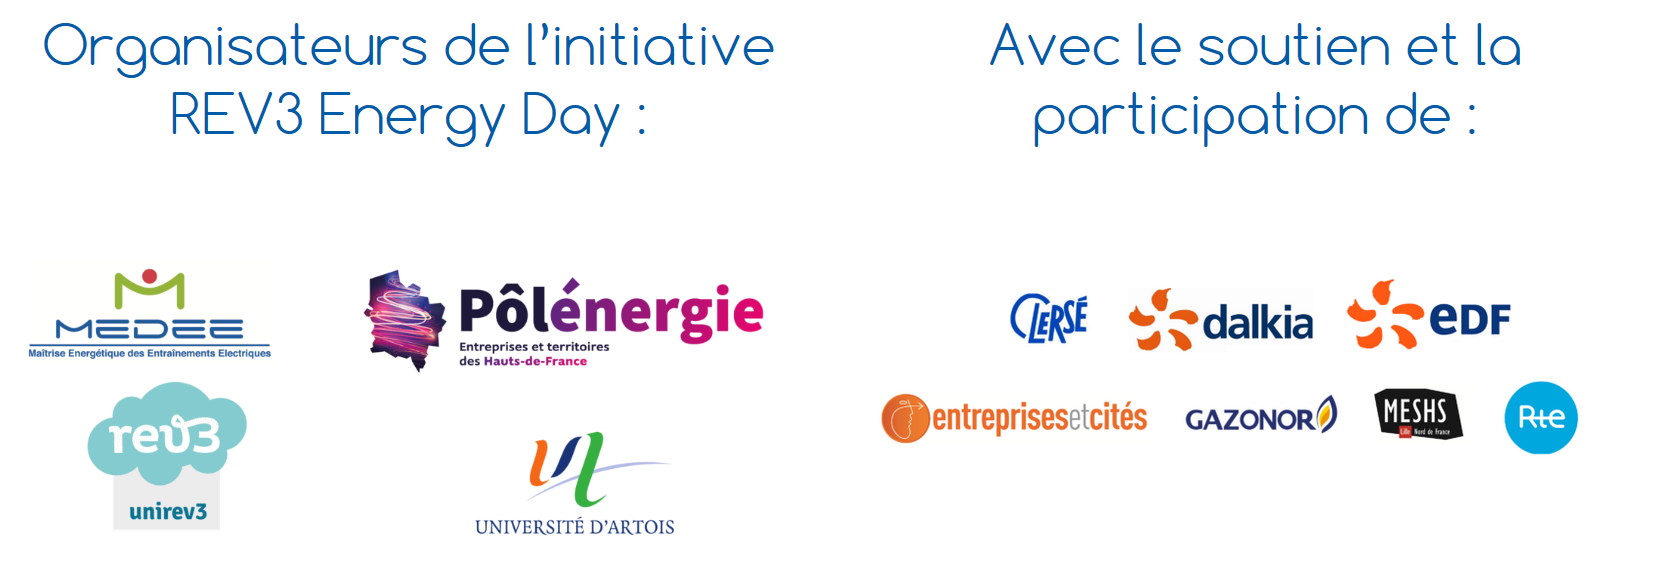 partenaires et sponsors de l'évènement edf rte gazonor dalkia clersé meshs entreprises et cités